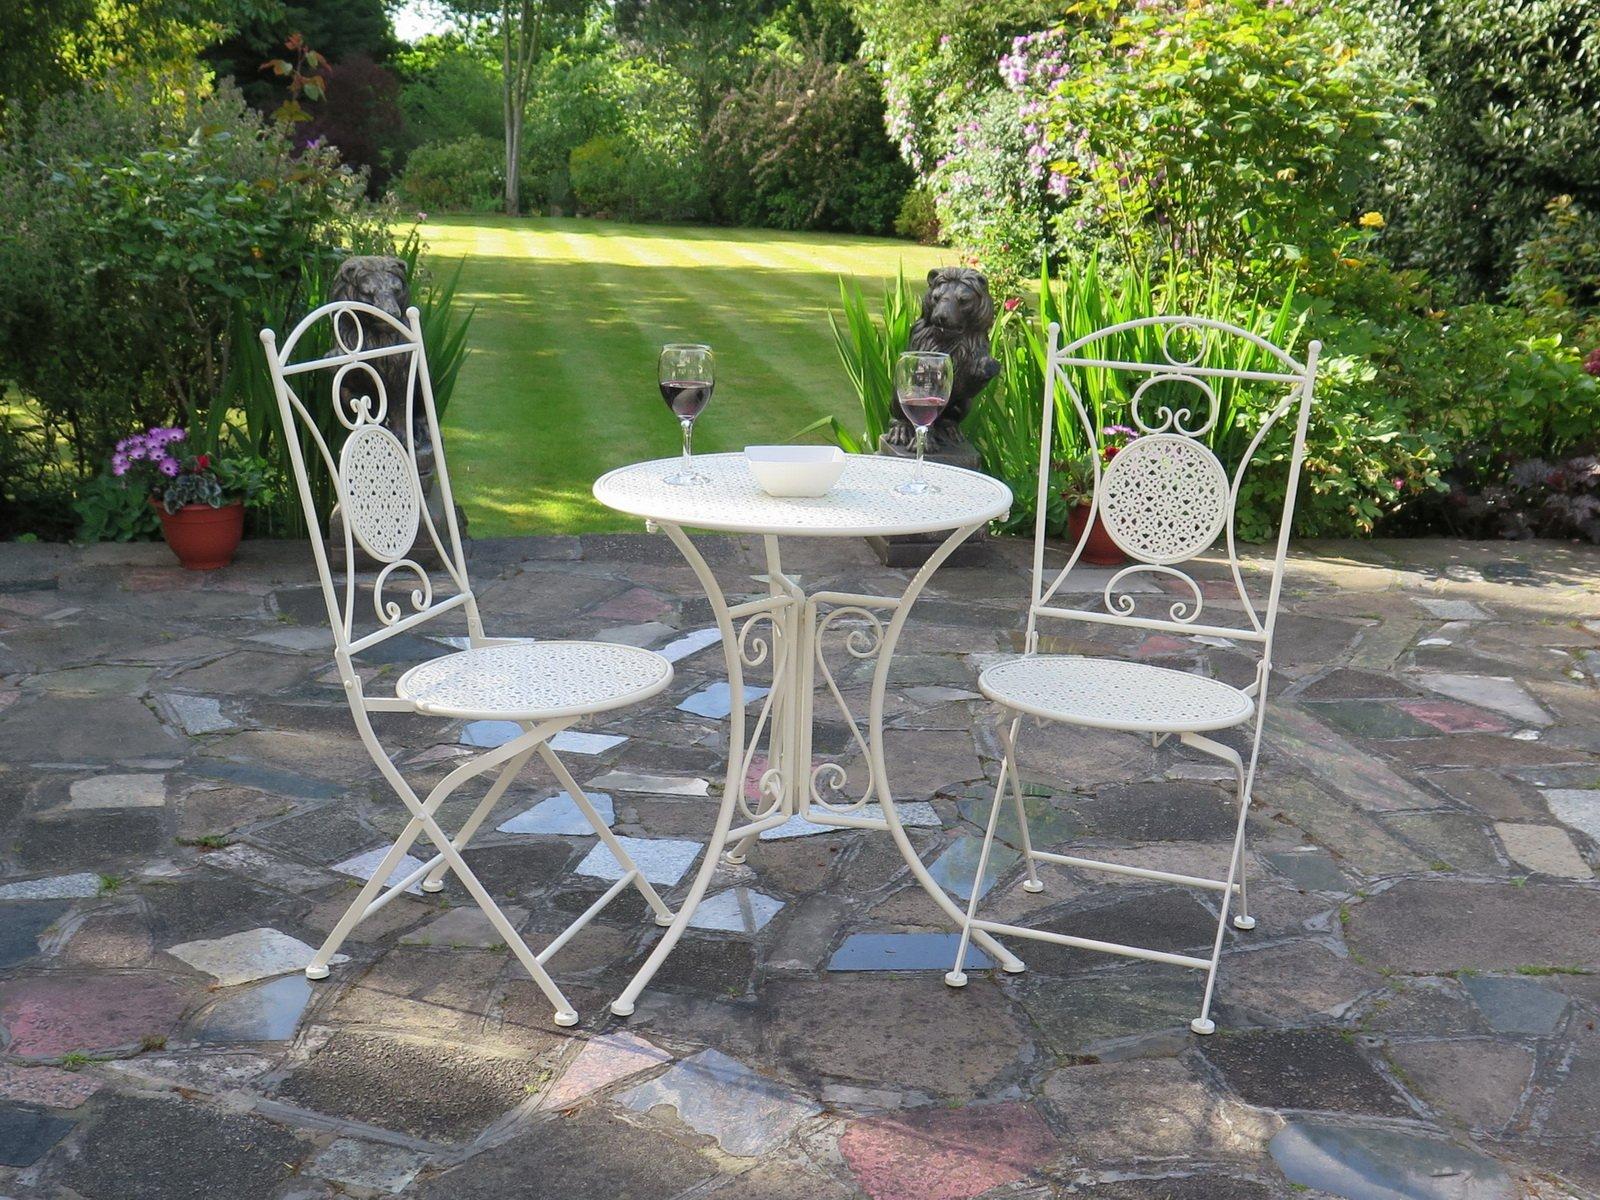 Juego de muebles de jardín de estilo francés, incluye 1 mesa metálica y 2 sillas de color crema (GF01C+GF02C): Amazon.es: Hogar